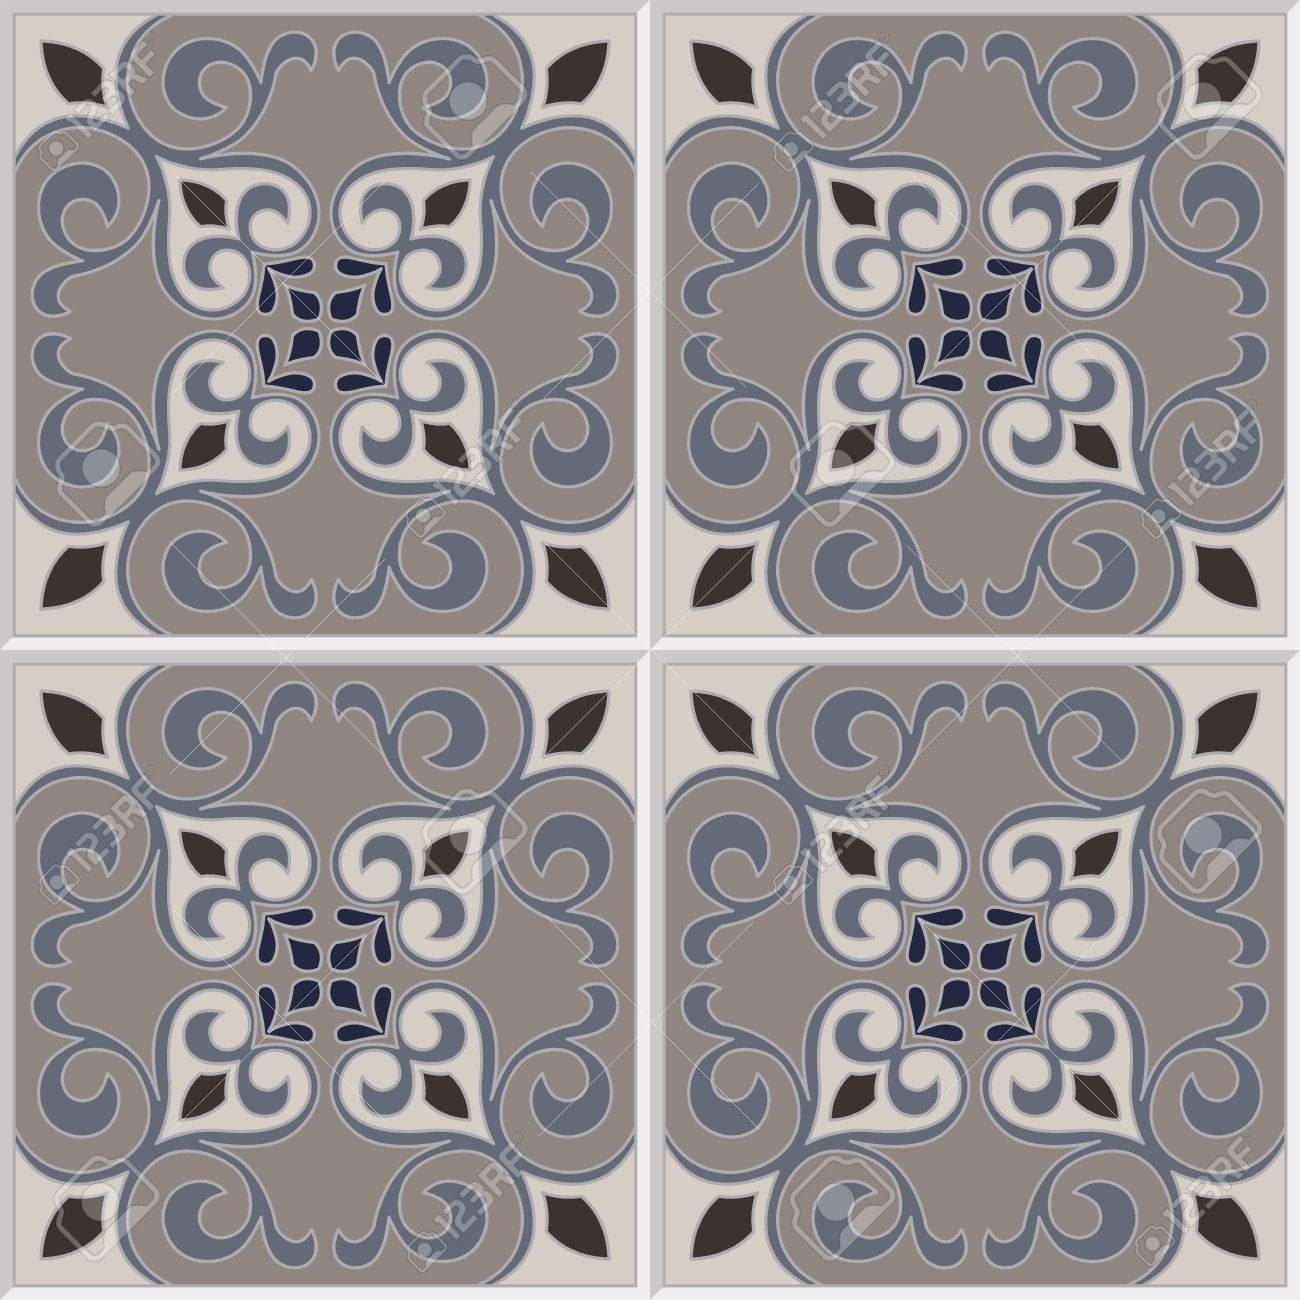 Piastrelle Cucina Con Fiori reticolo delle mattonelle di vettore senza soluzione di continuità con  fiori motivi. azulejo, piastrelle portoghese, spagnolo, marocchini, turchi  o di